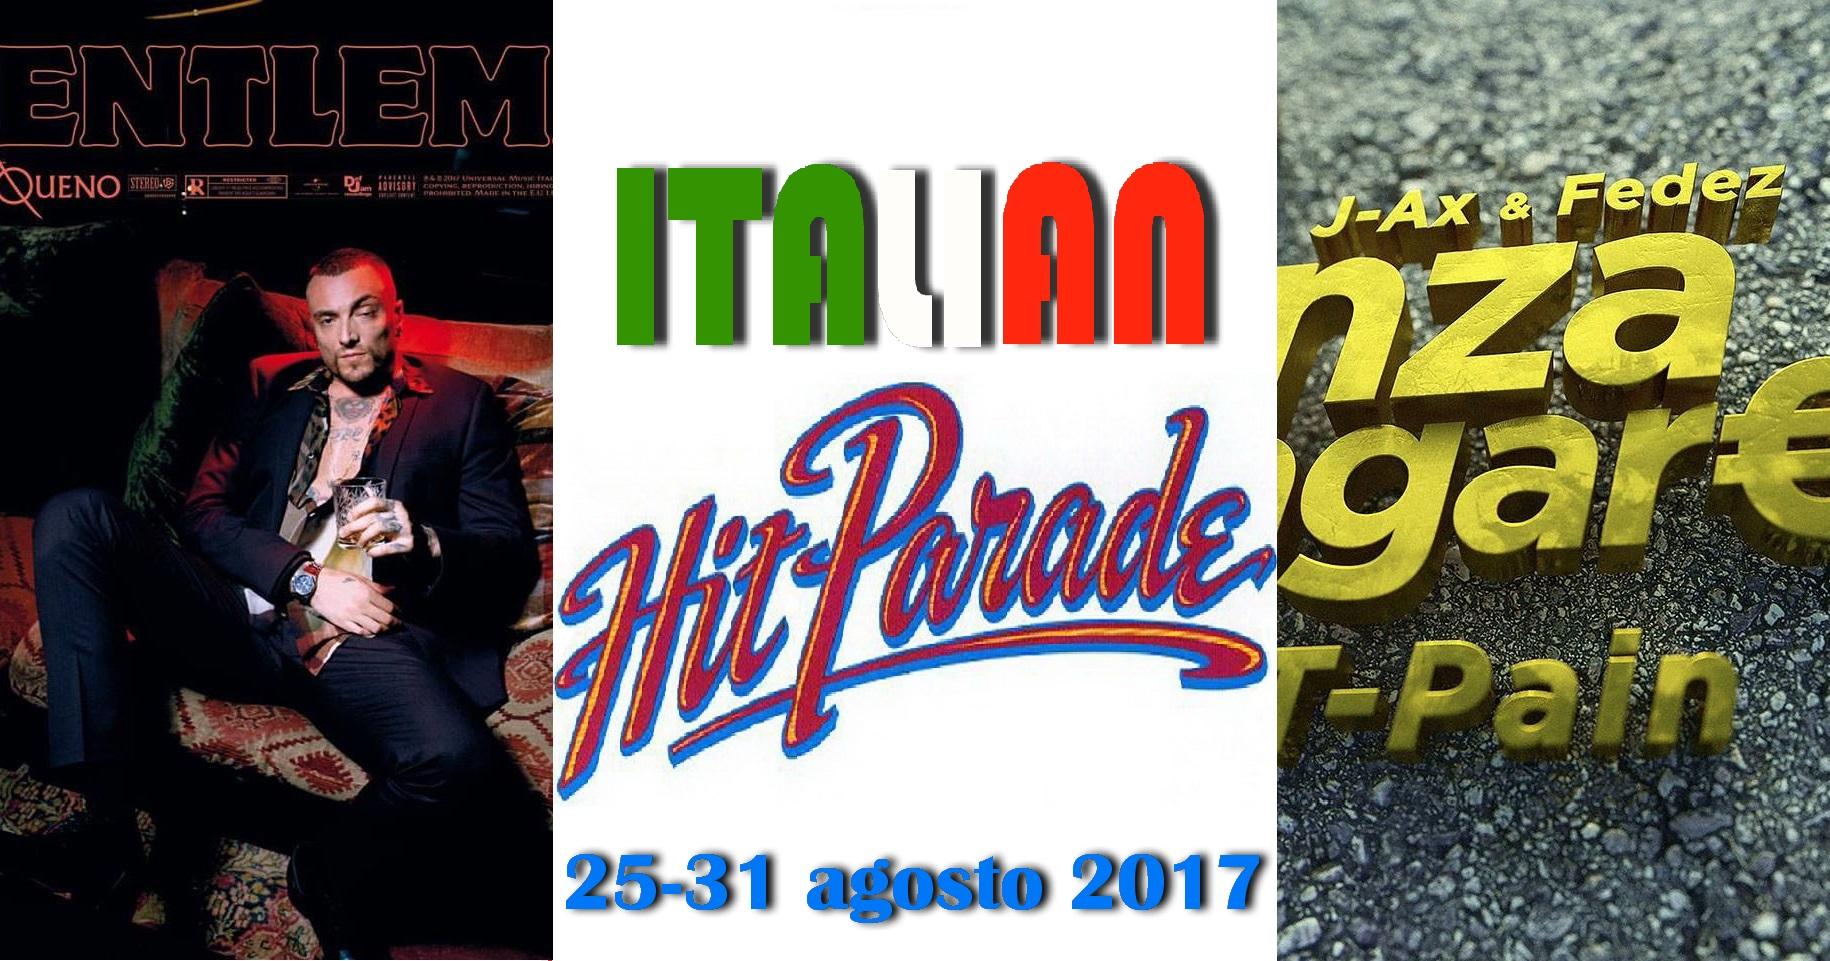 Hit Parade 01-09-17 XXXTentacion